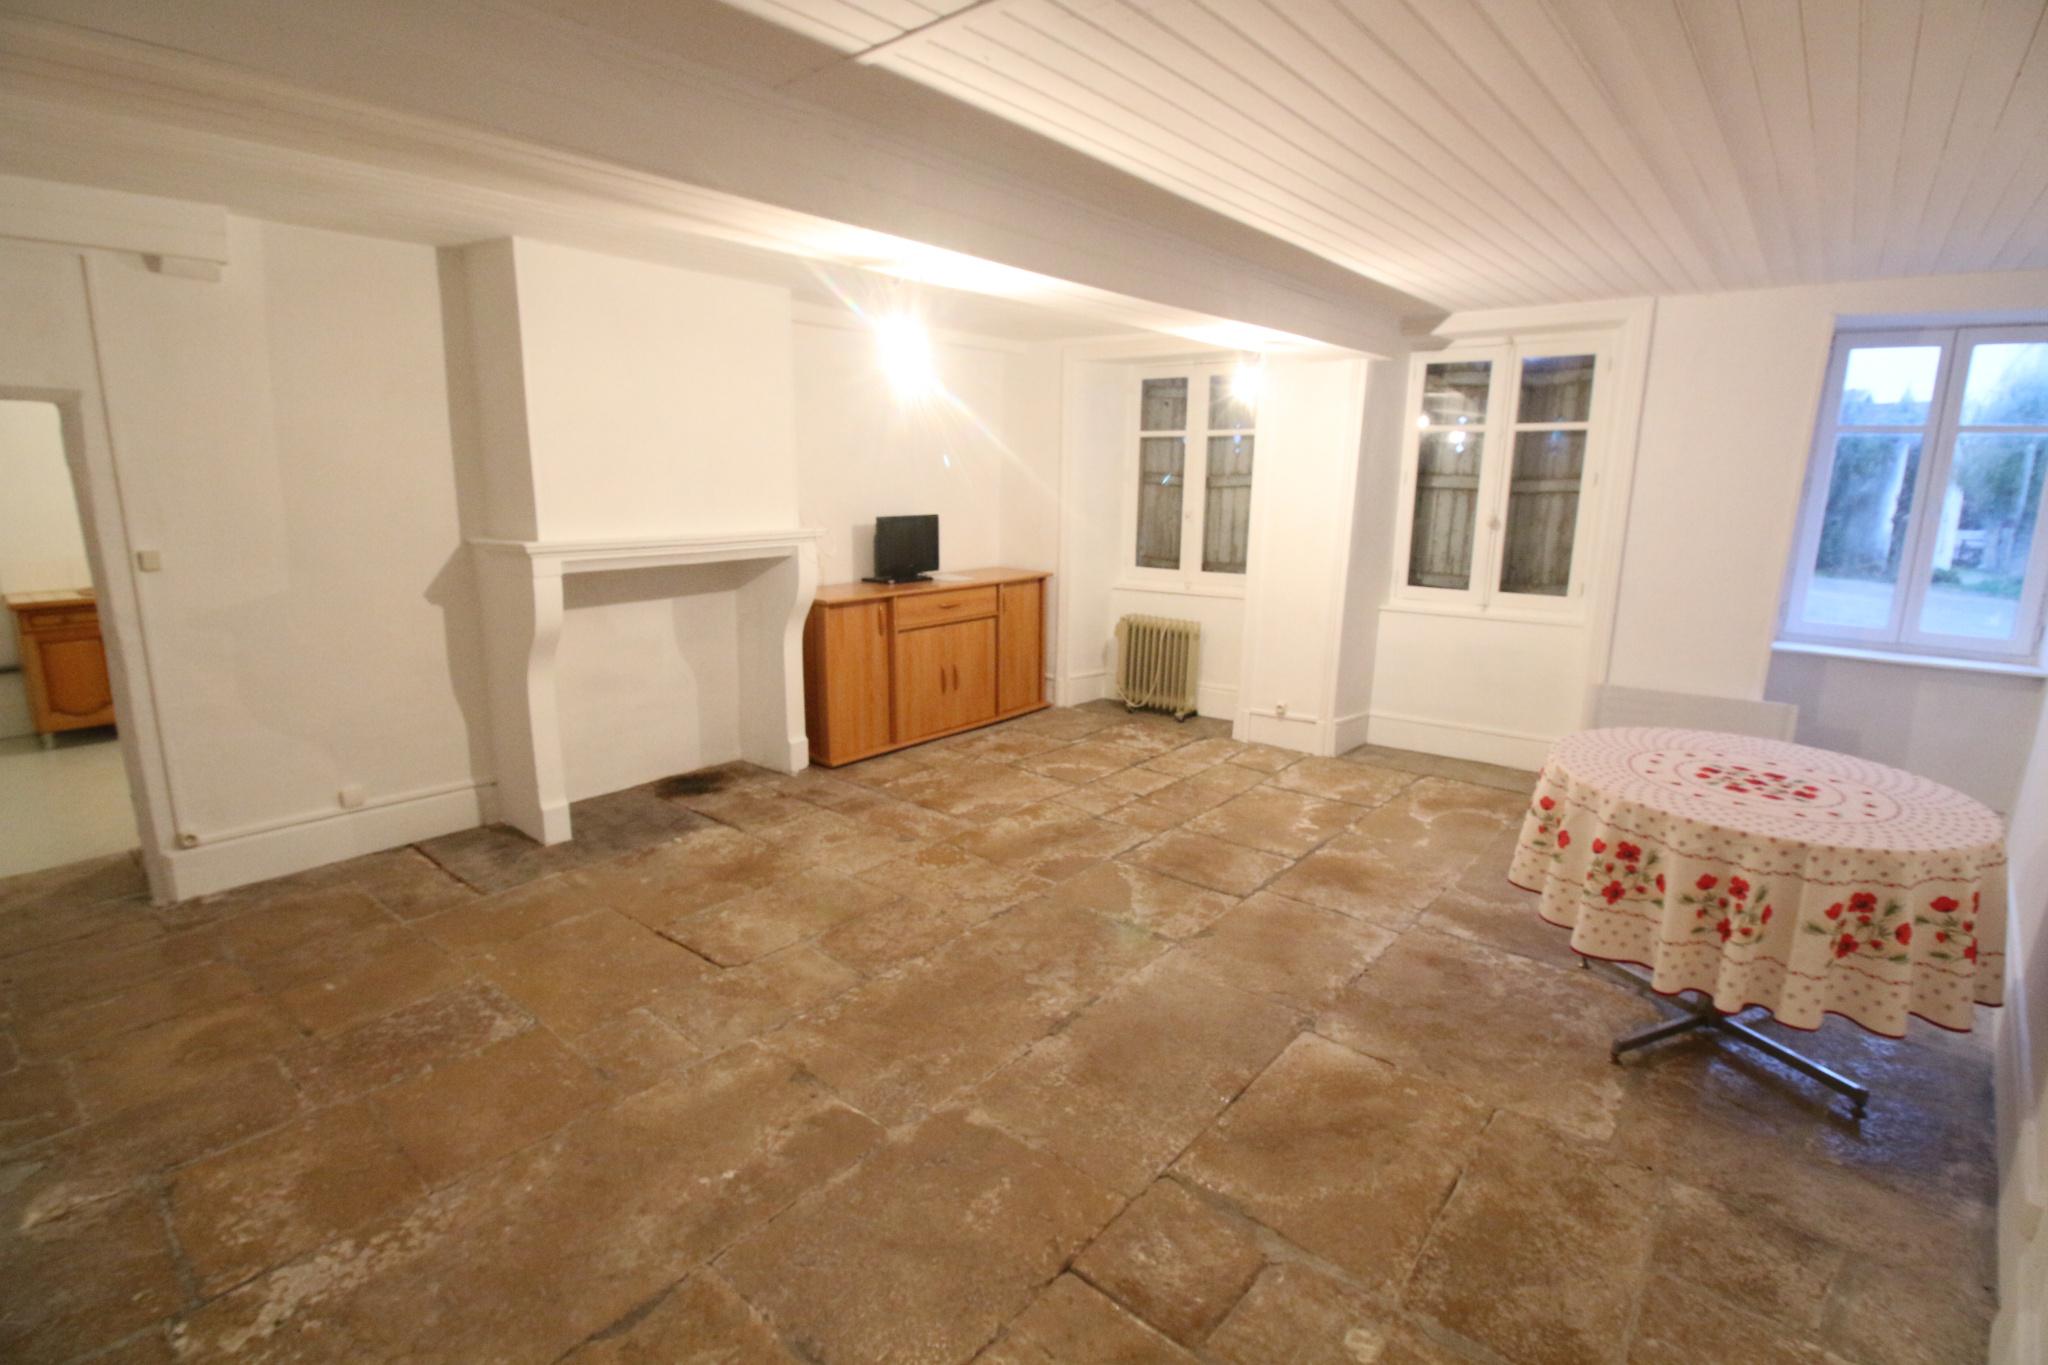 Vente maison/villa percey le grand